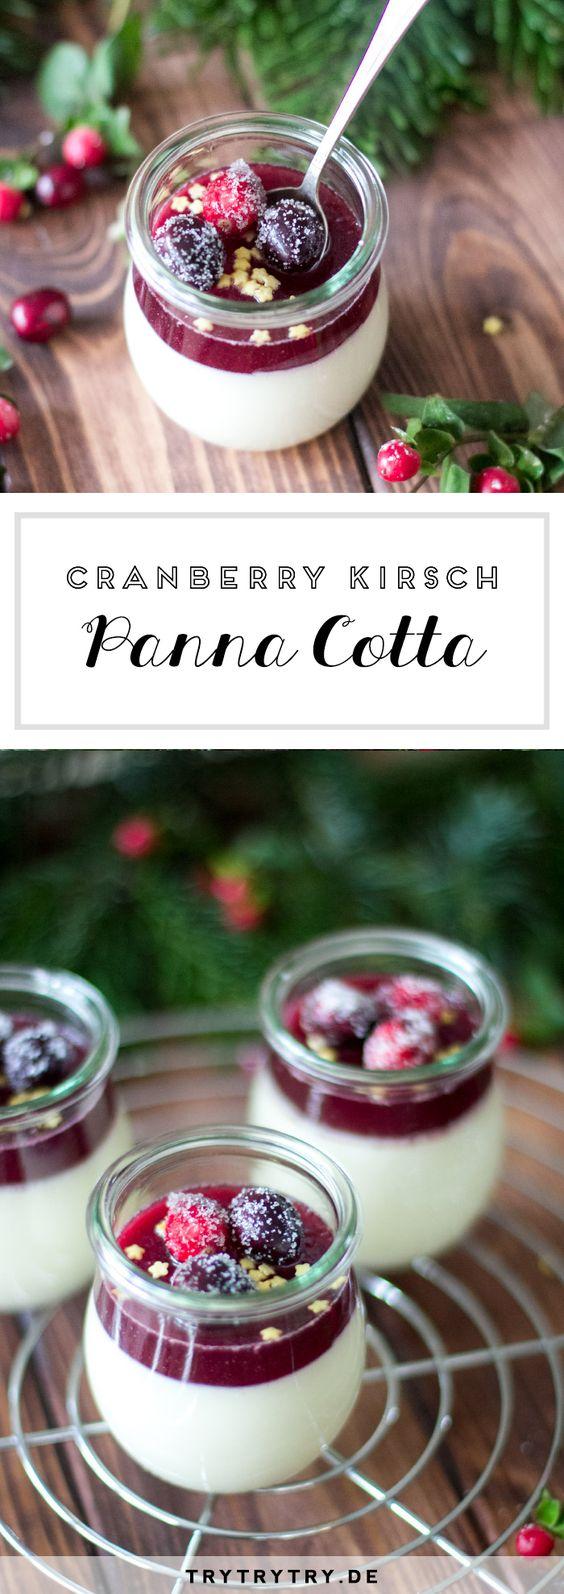 Cranberry Kirsch Panna Cotta